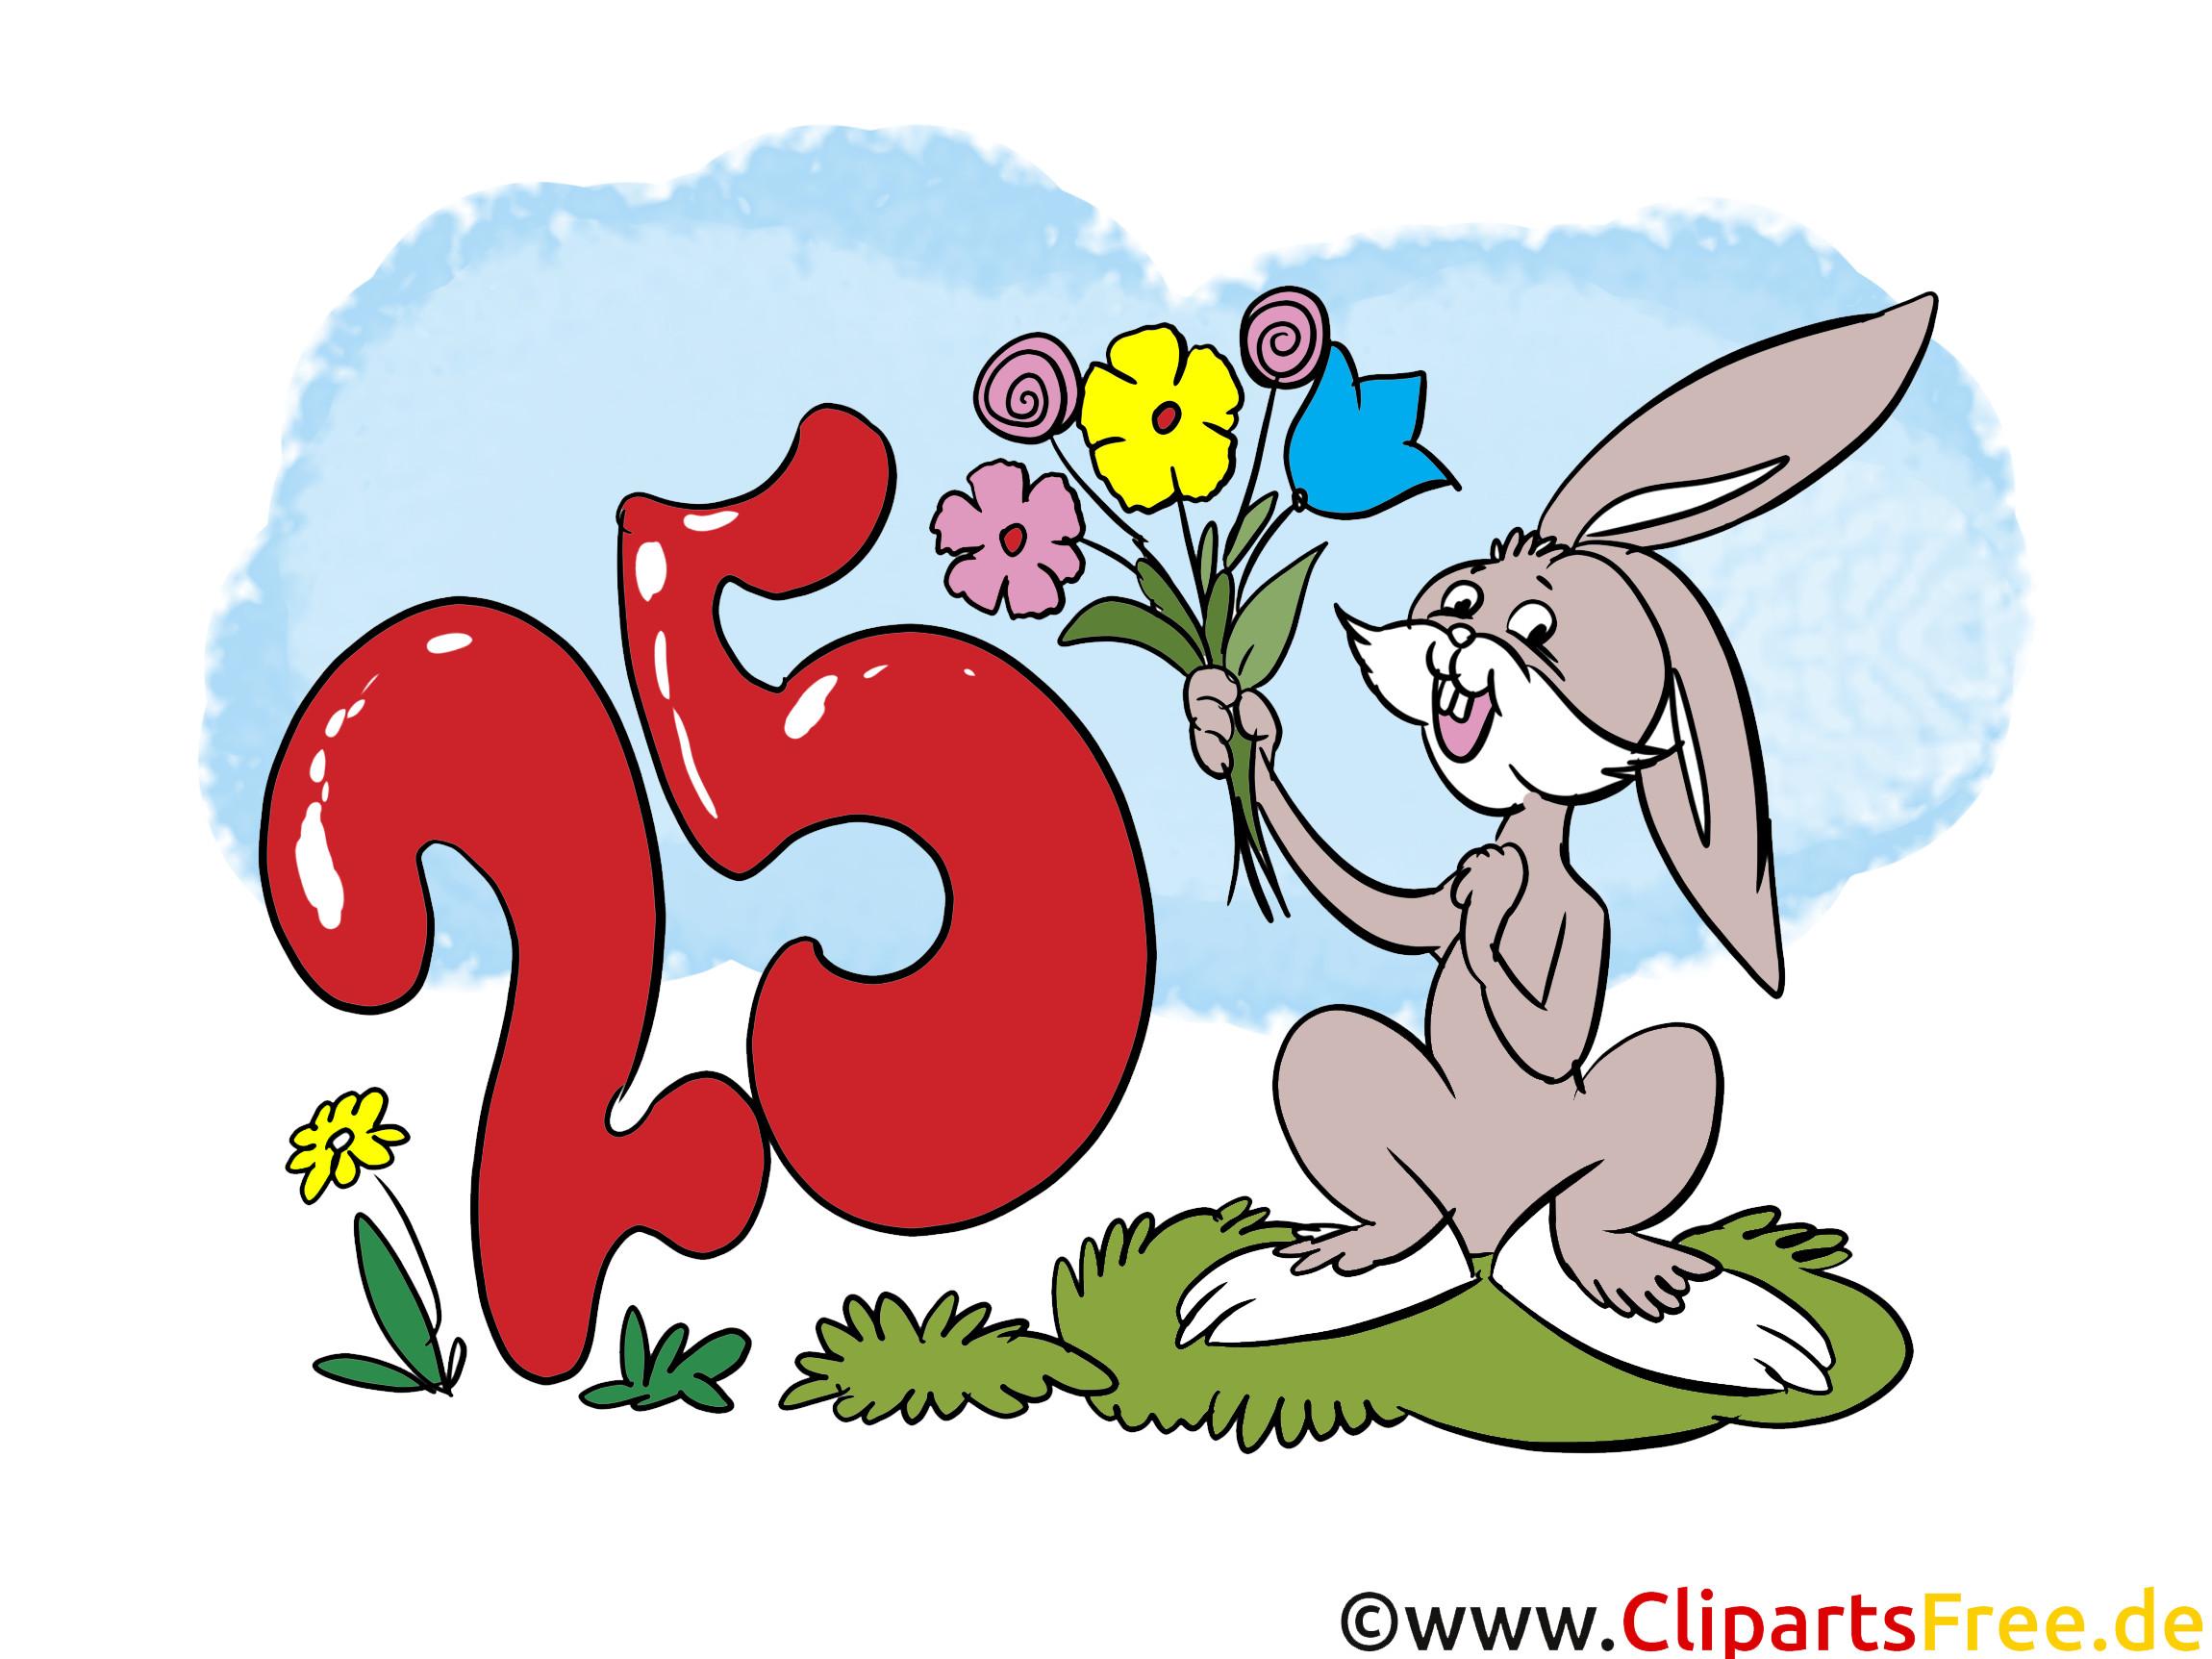 Lustige Geburtstagswünsche  Lustige Geburtstagswünsche zum 25 Geburtstag eCard Bild